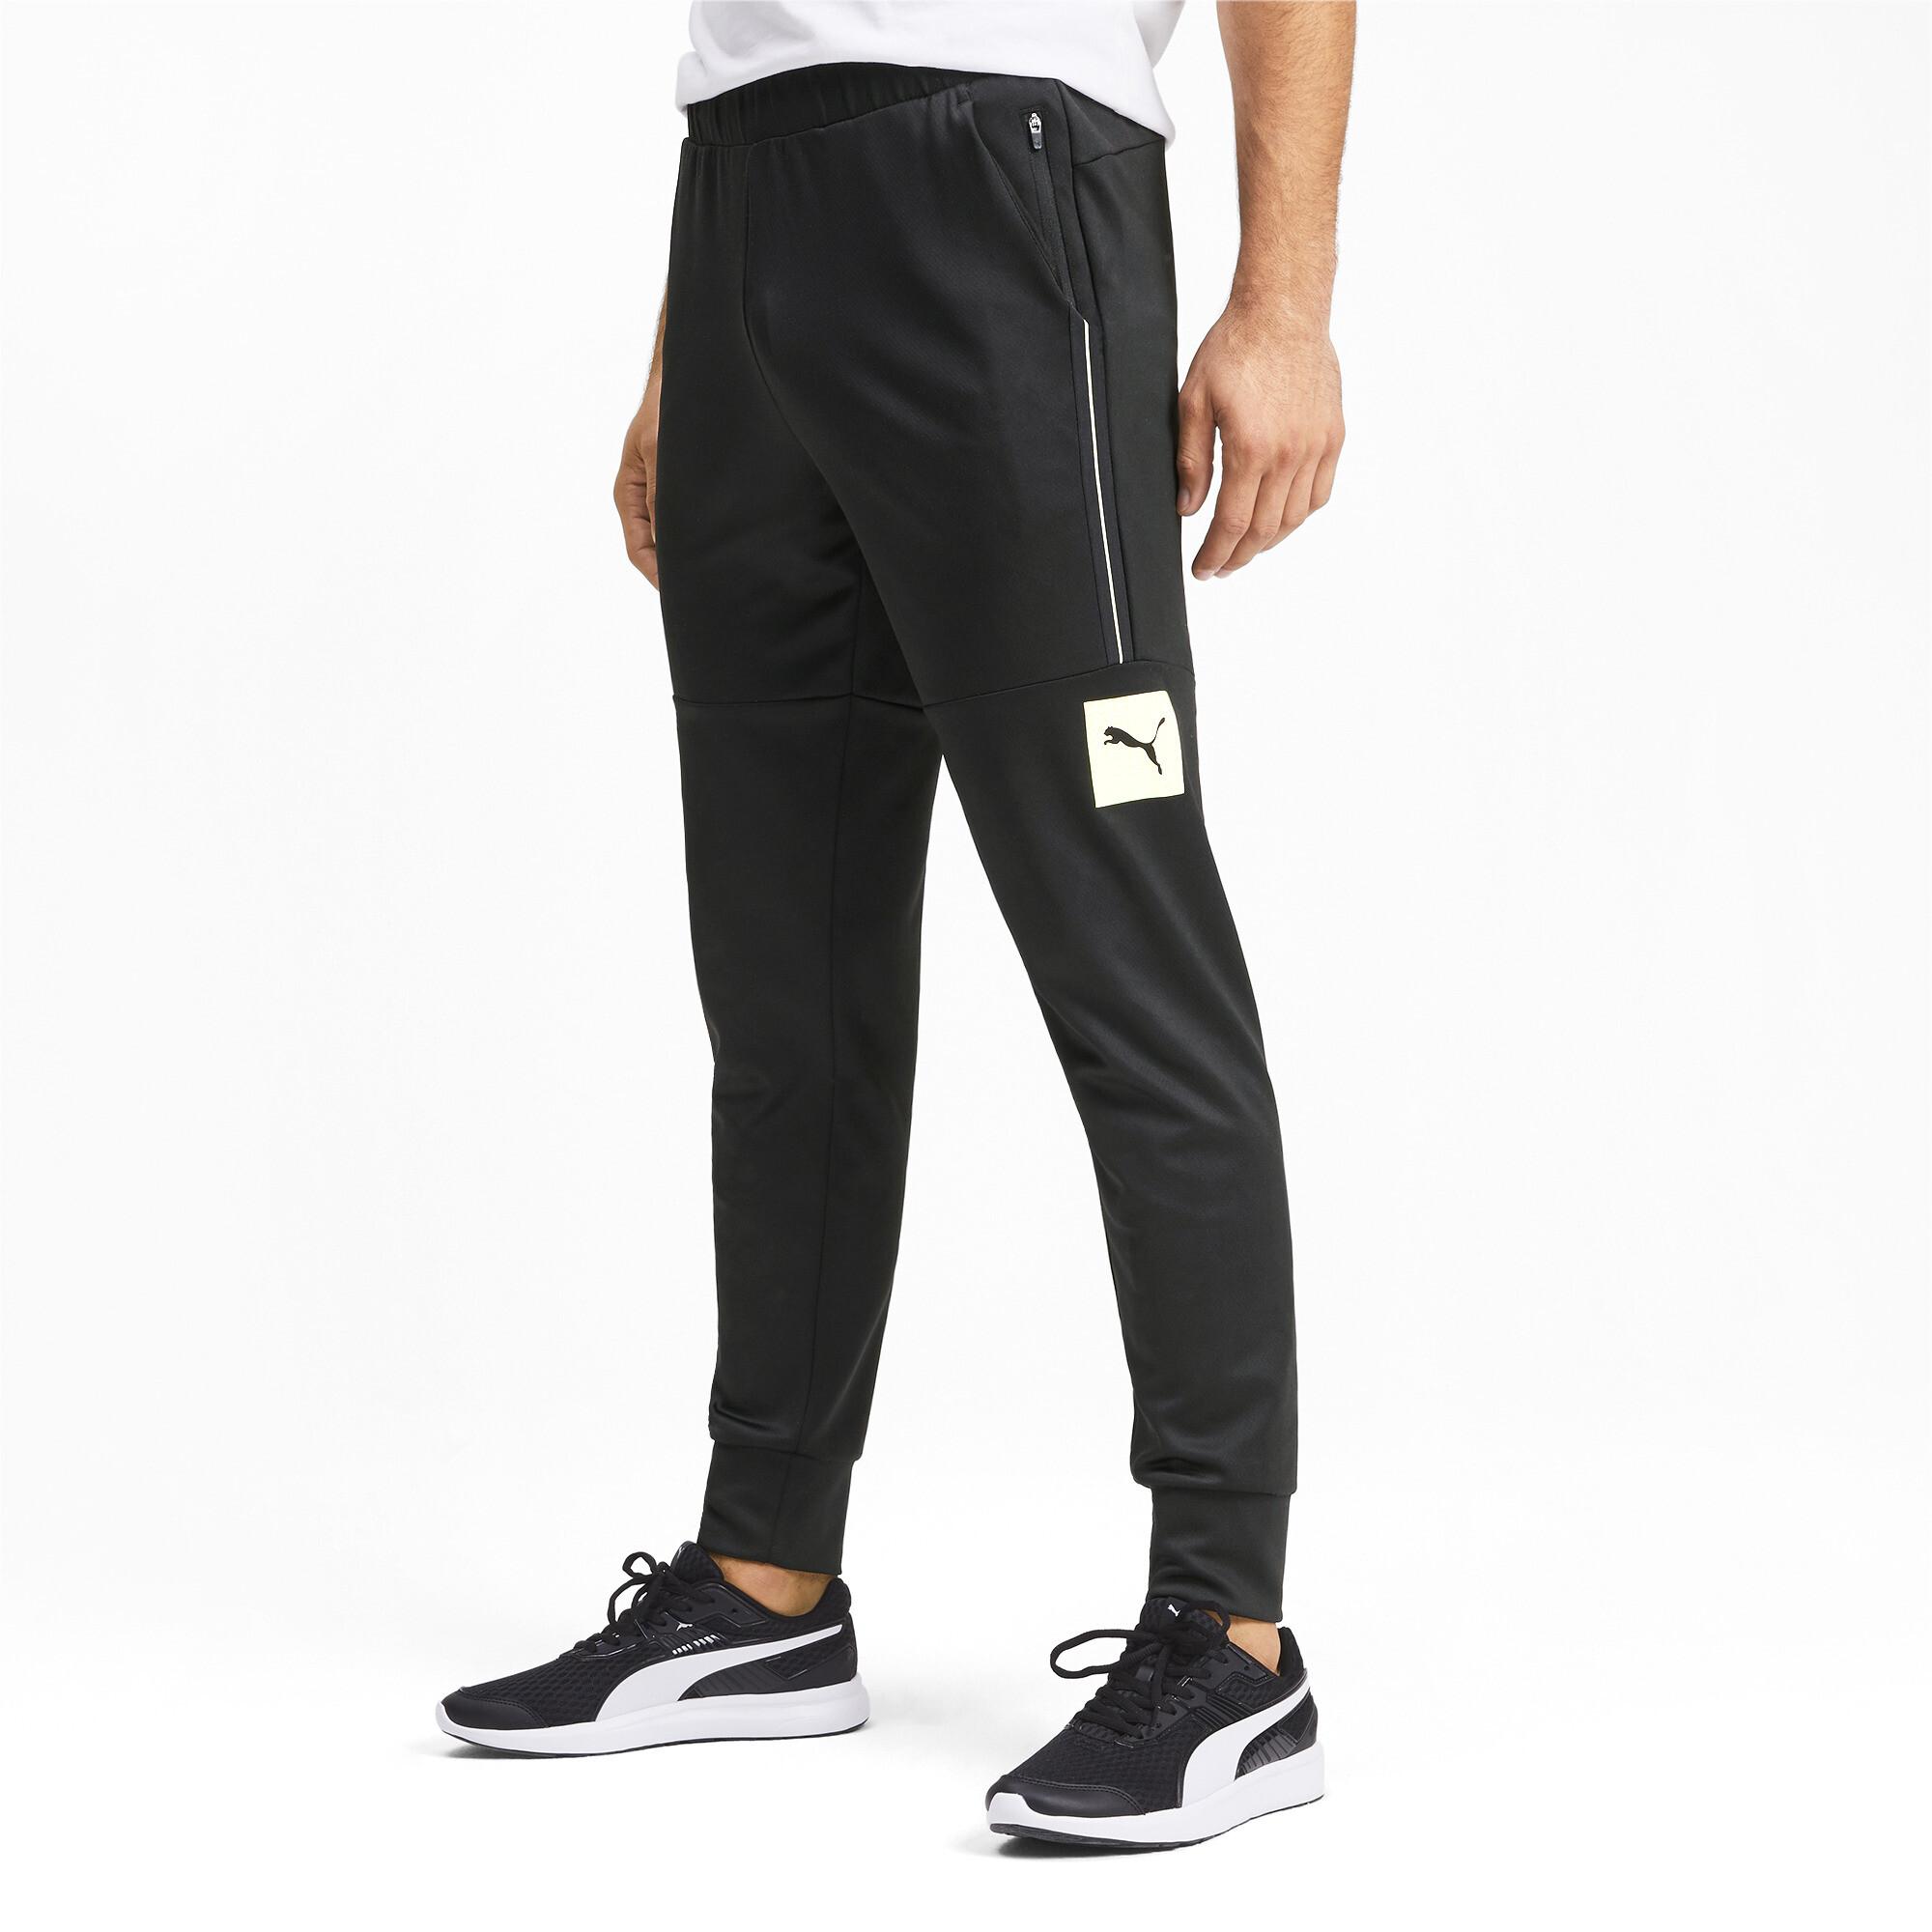 PUMA-Tec-Sports-Men-039-s-Sweatpants-Men-Knitted-Pants-Basics thumbnail 4